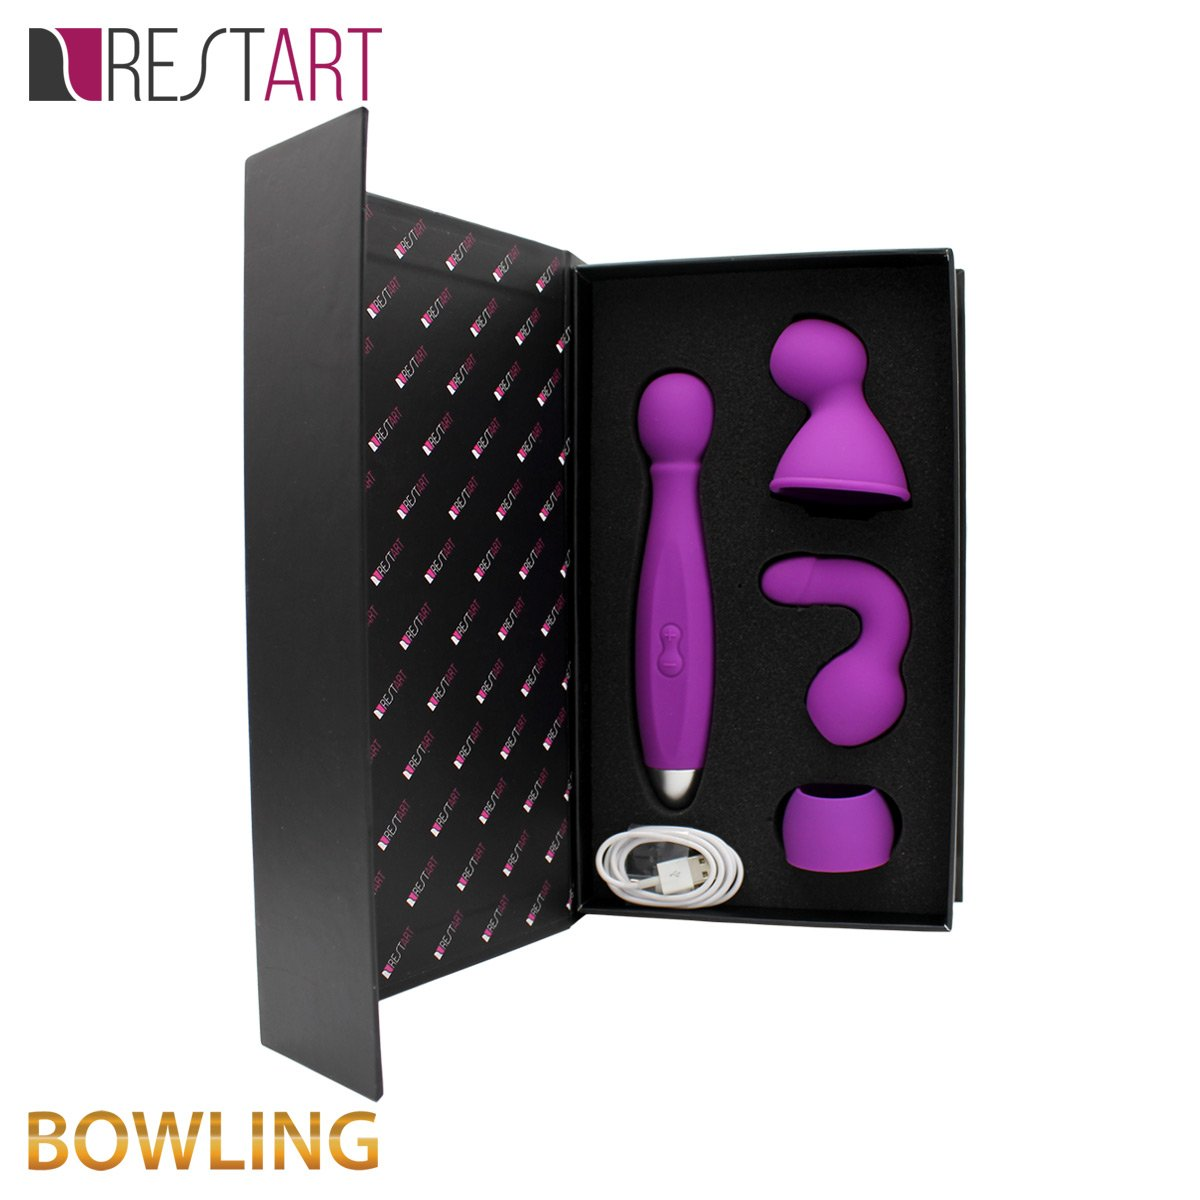 Varita mágica Spot clitoral Pene Vibrador g y y g pecho 3 Boquilla Simulator para mujeres hombres impermeable silicona Cargador USB (Edición Limitada, limitada Recubrimiento) 59336c